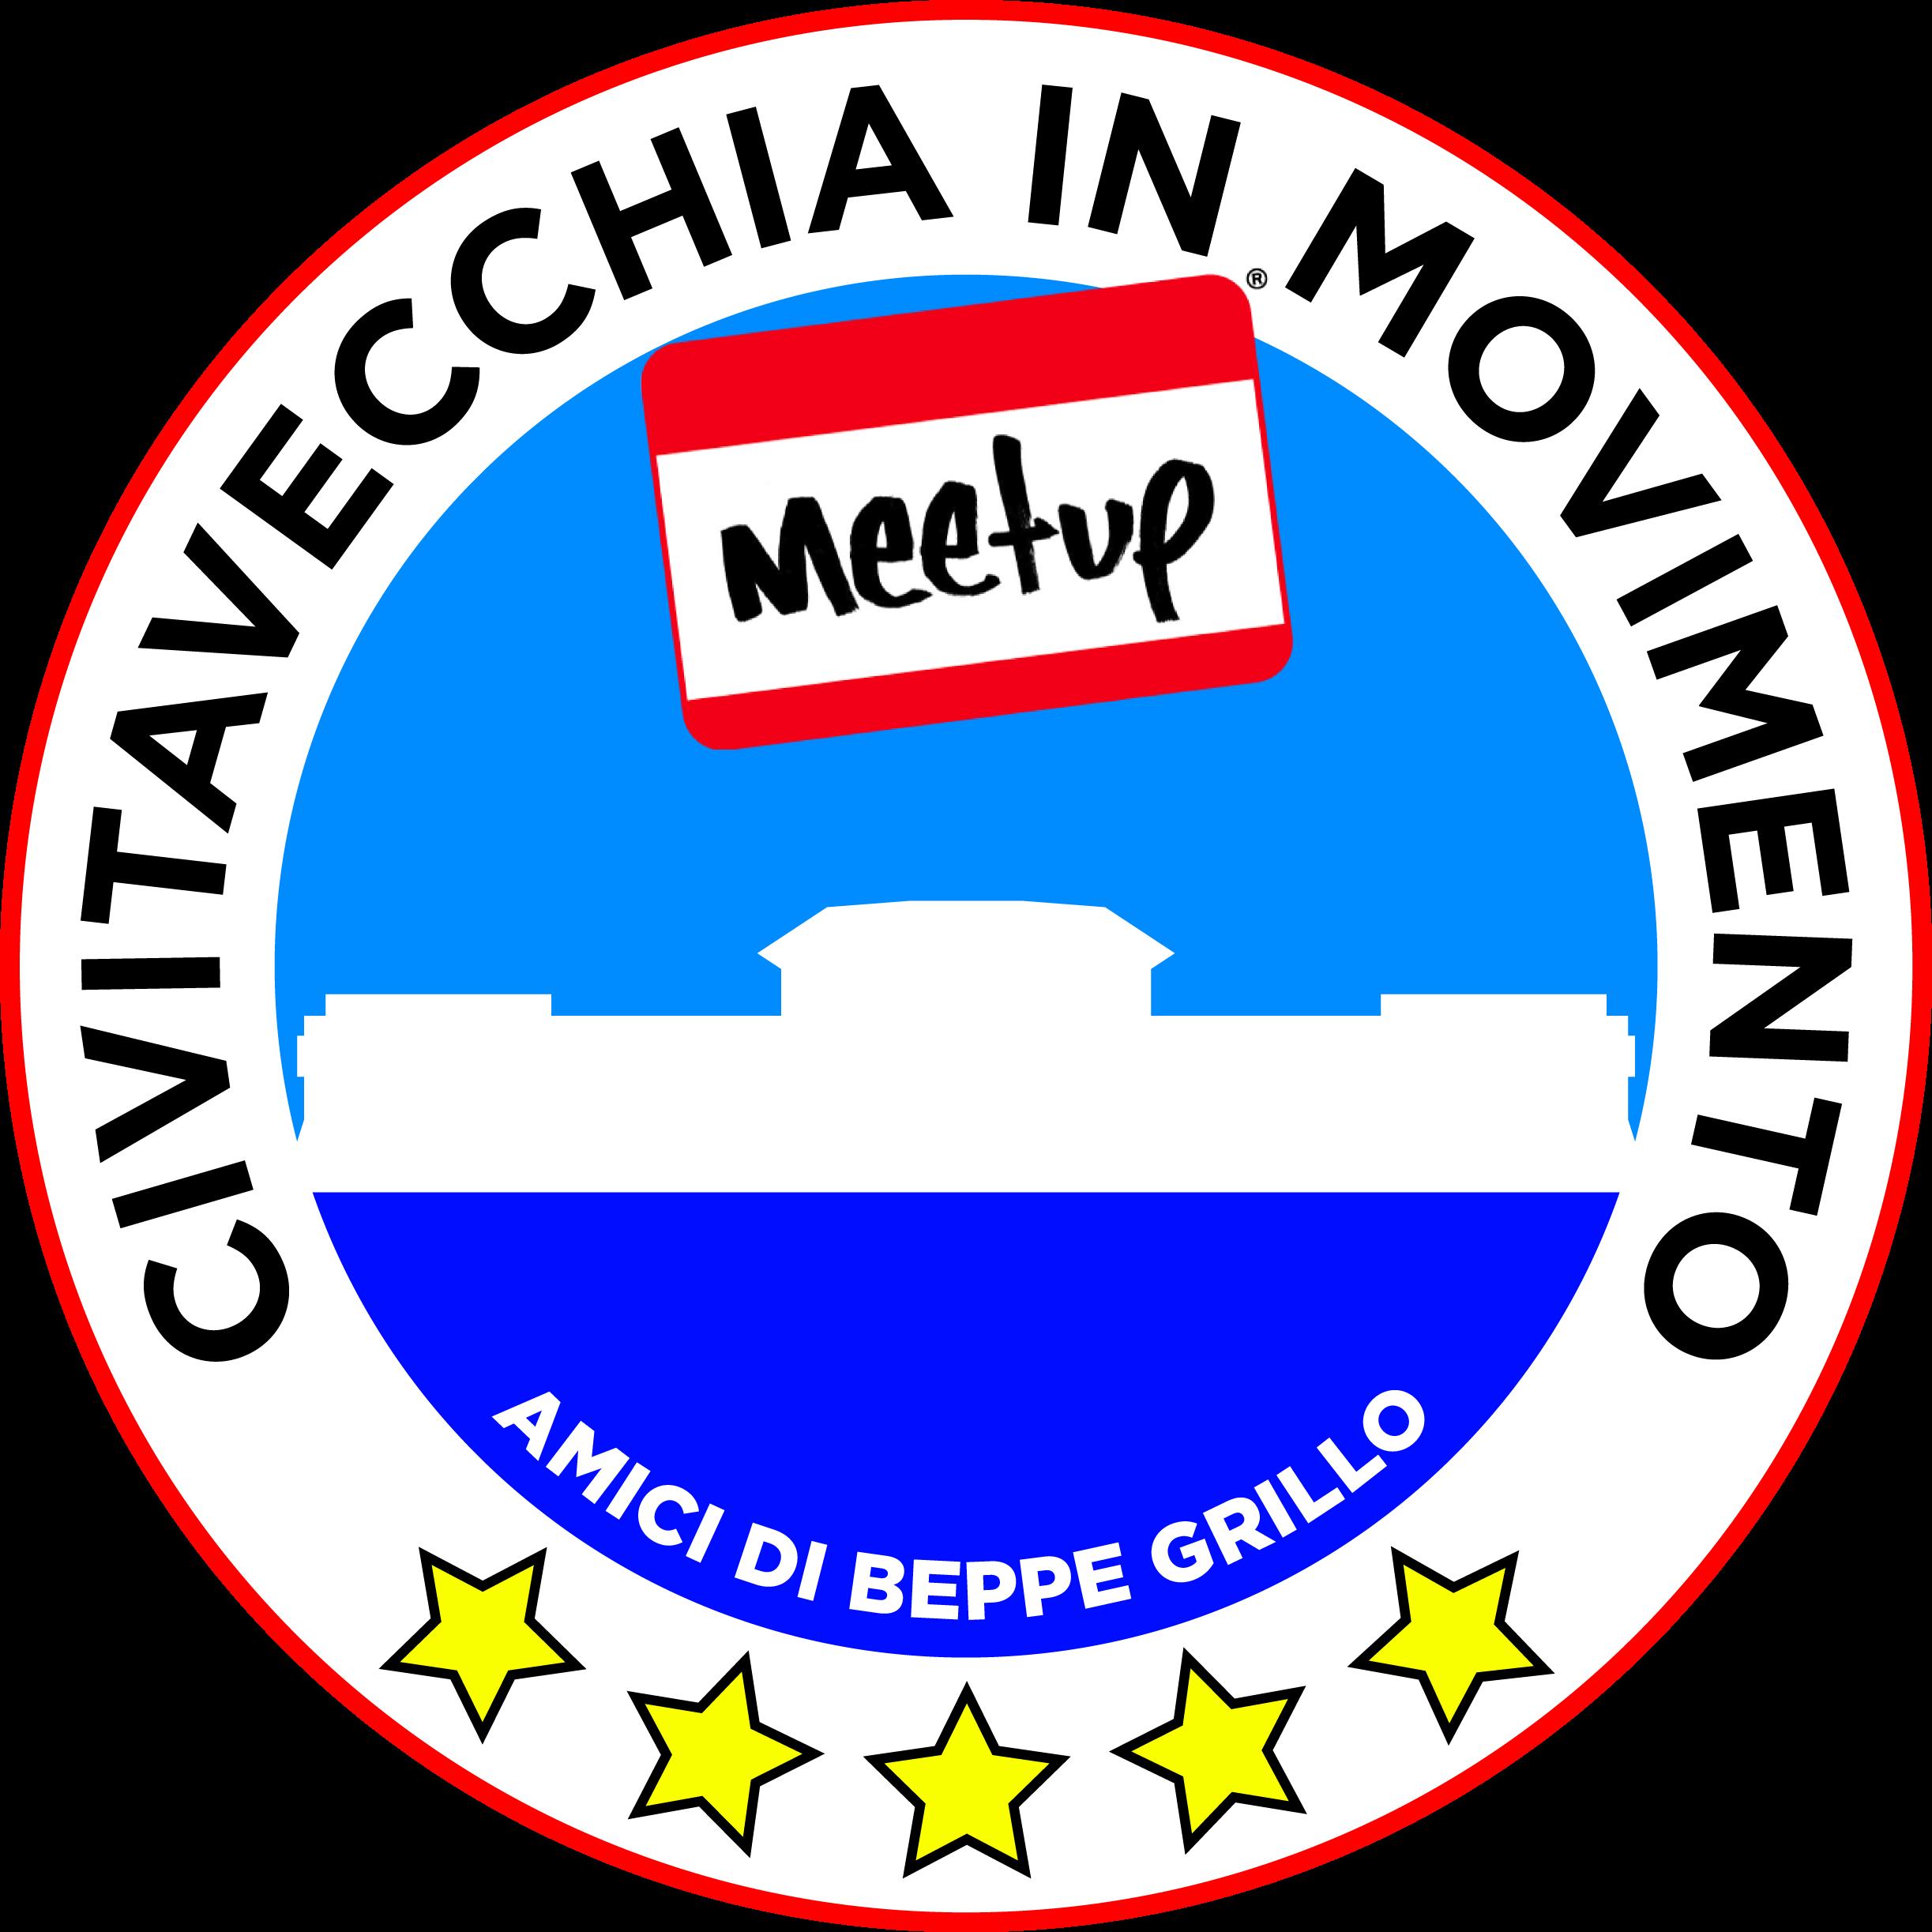 """Meetup """"Civitavecchia in MoVimento"""""""